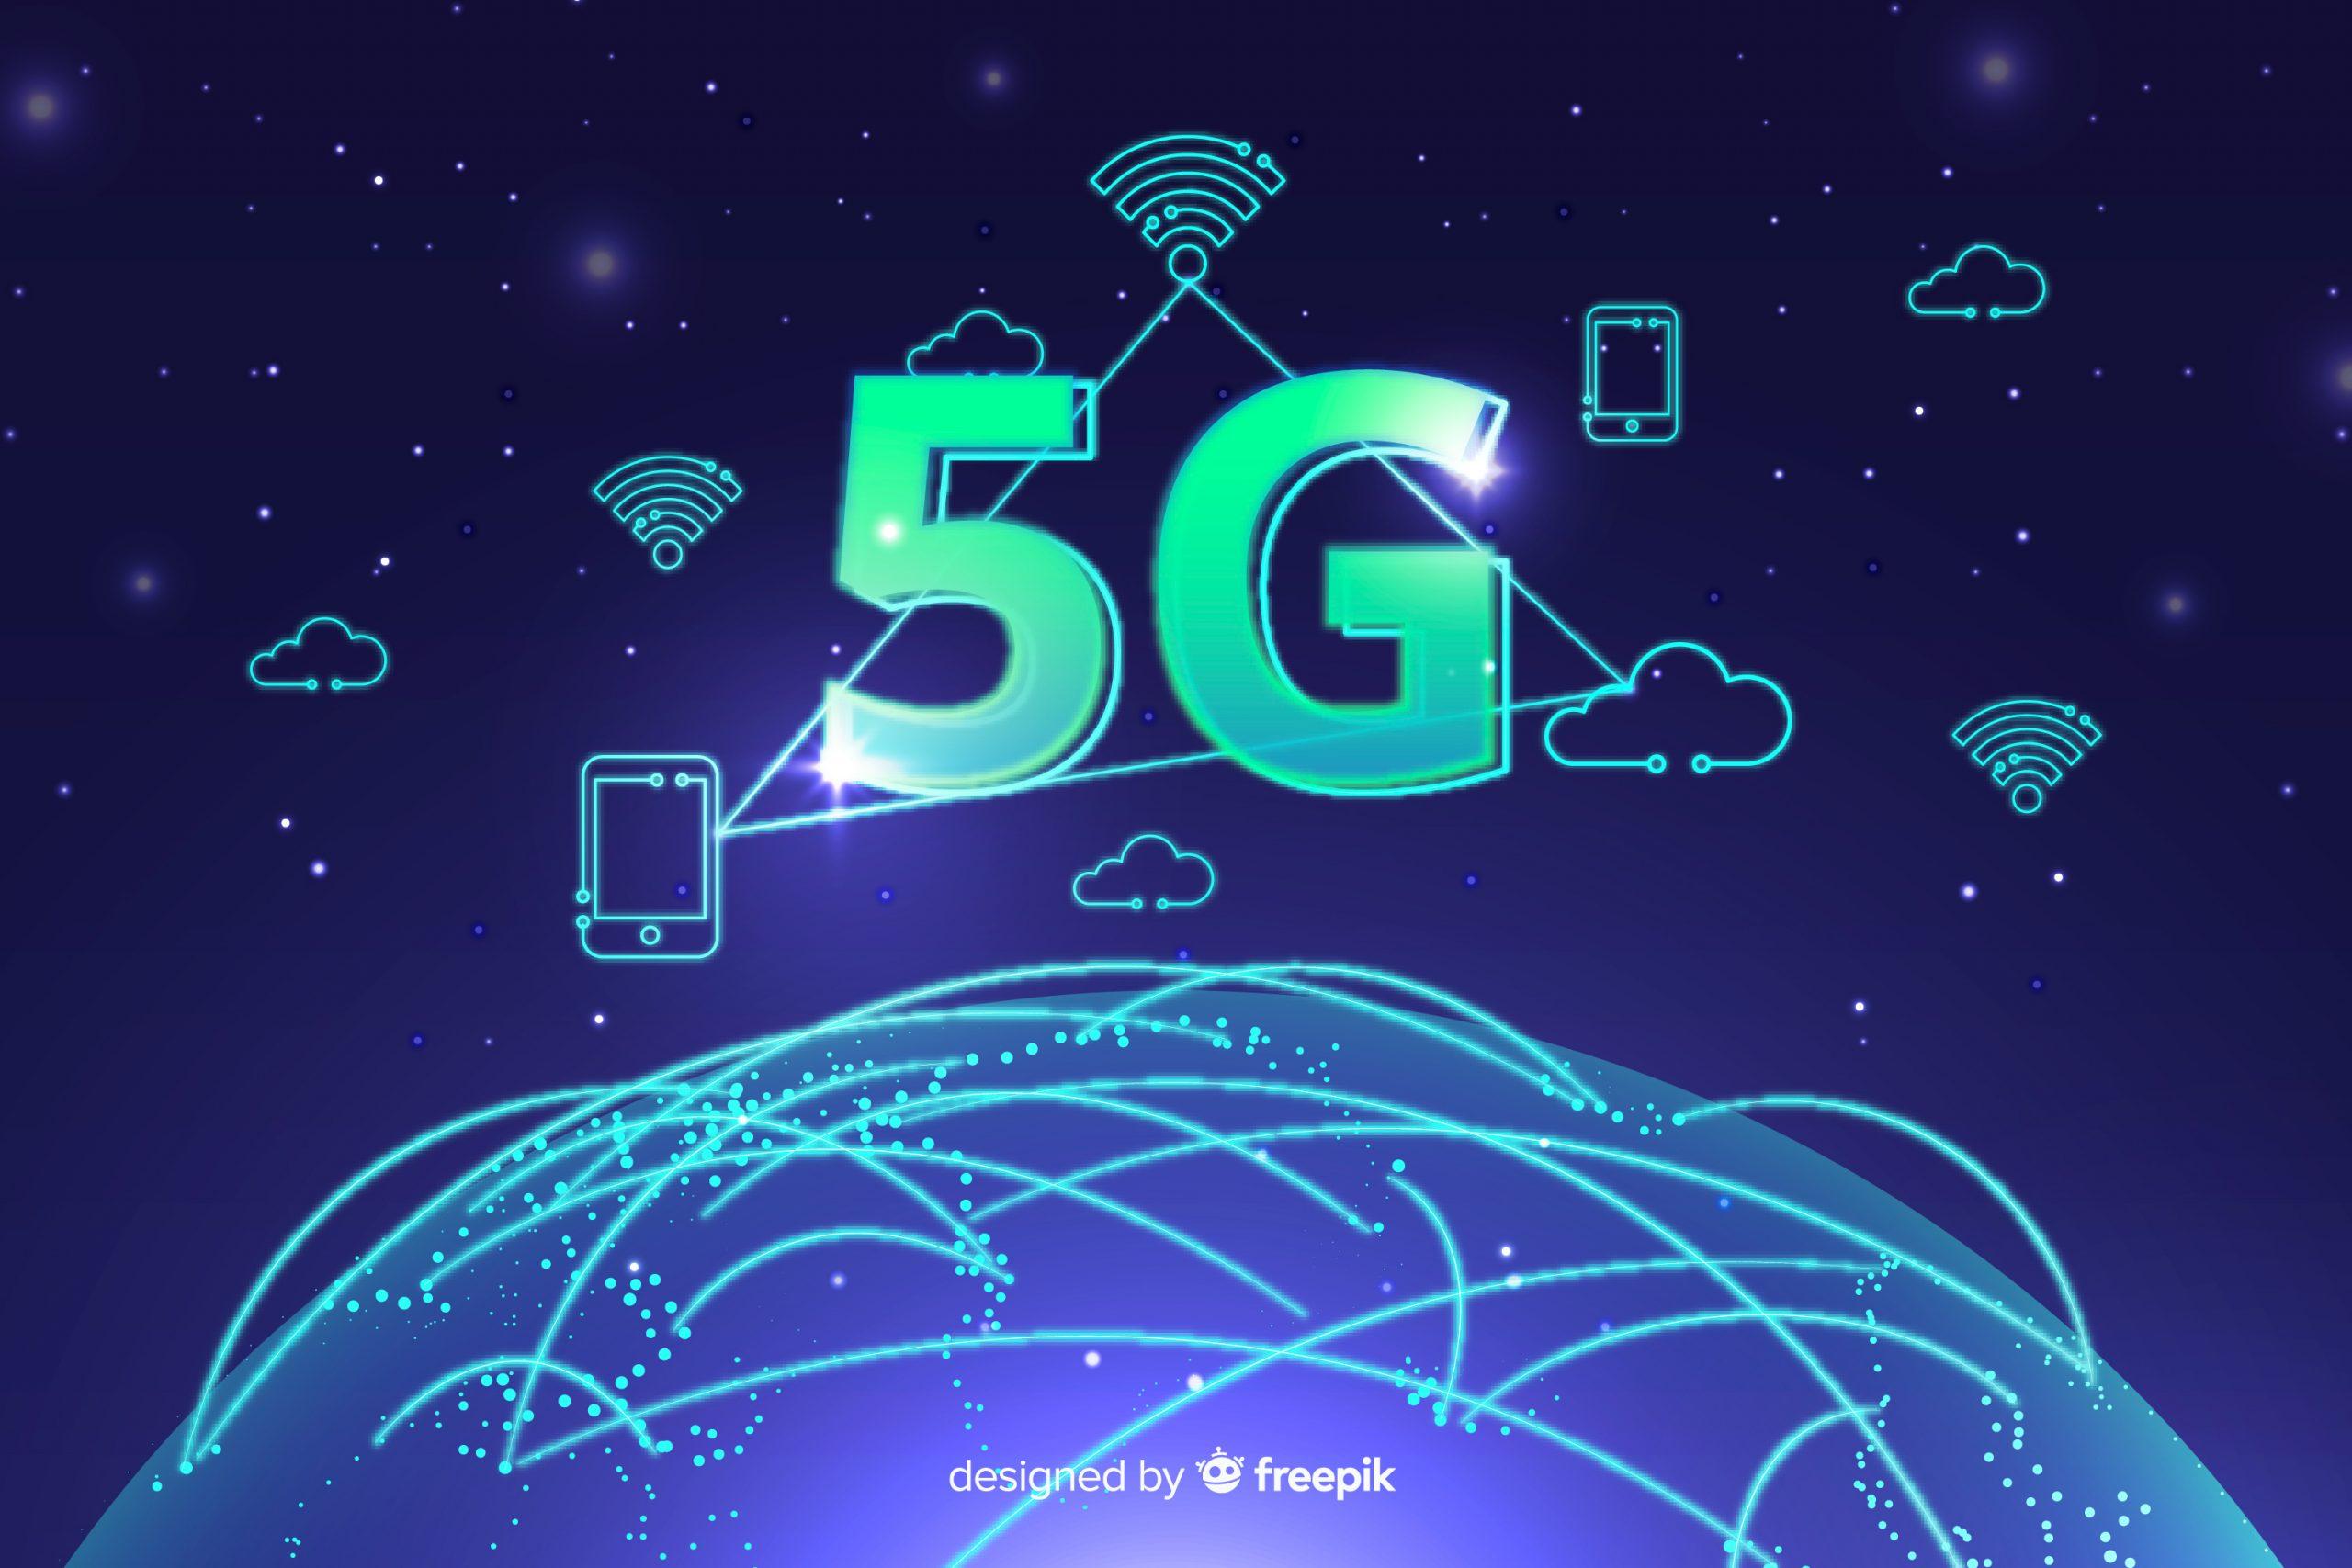 5G in the future